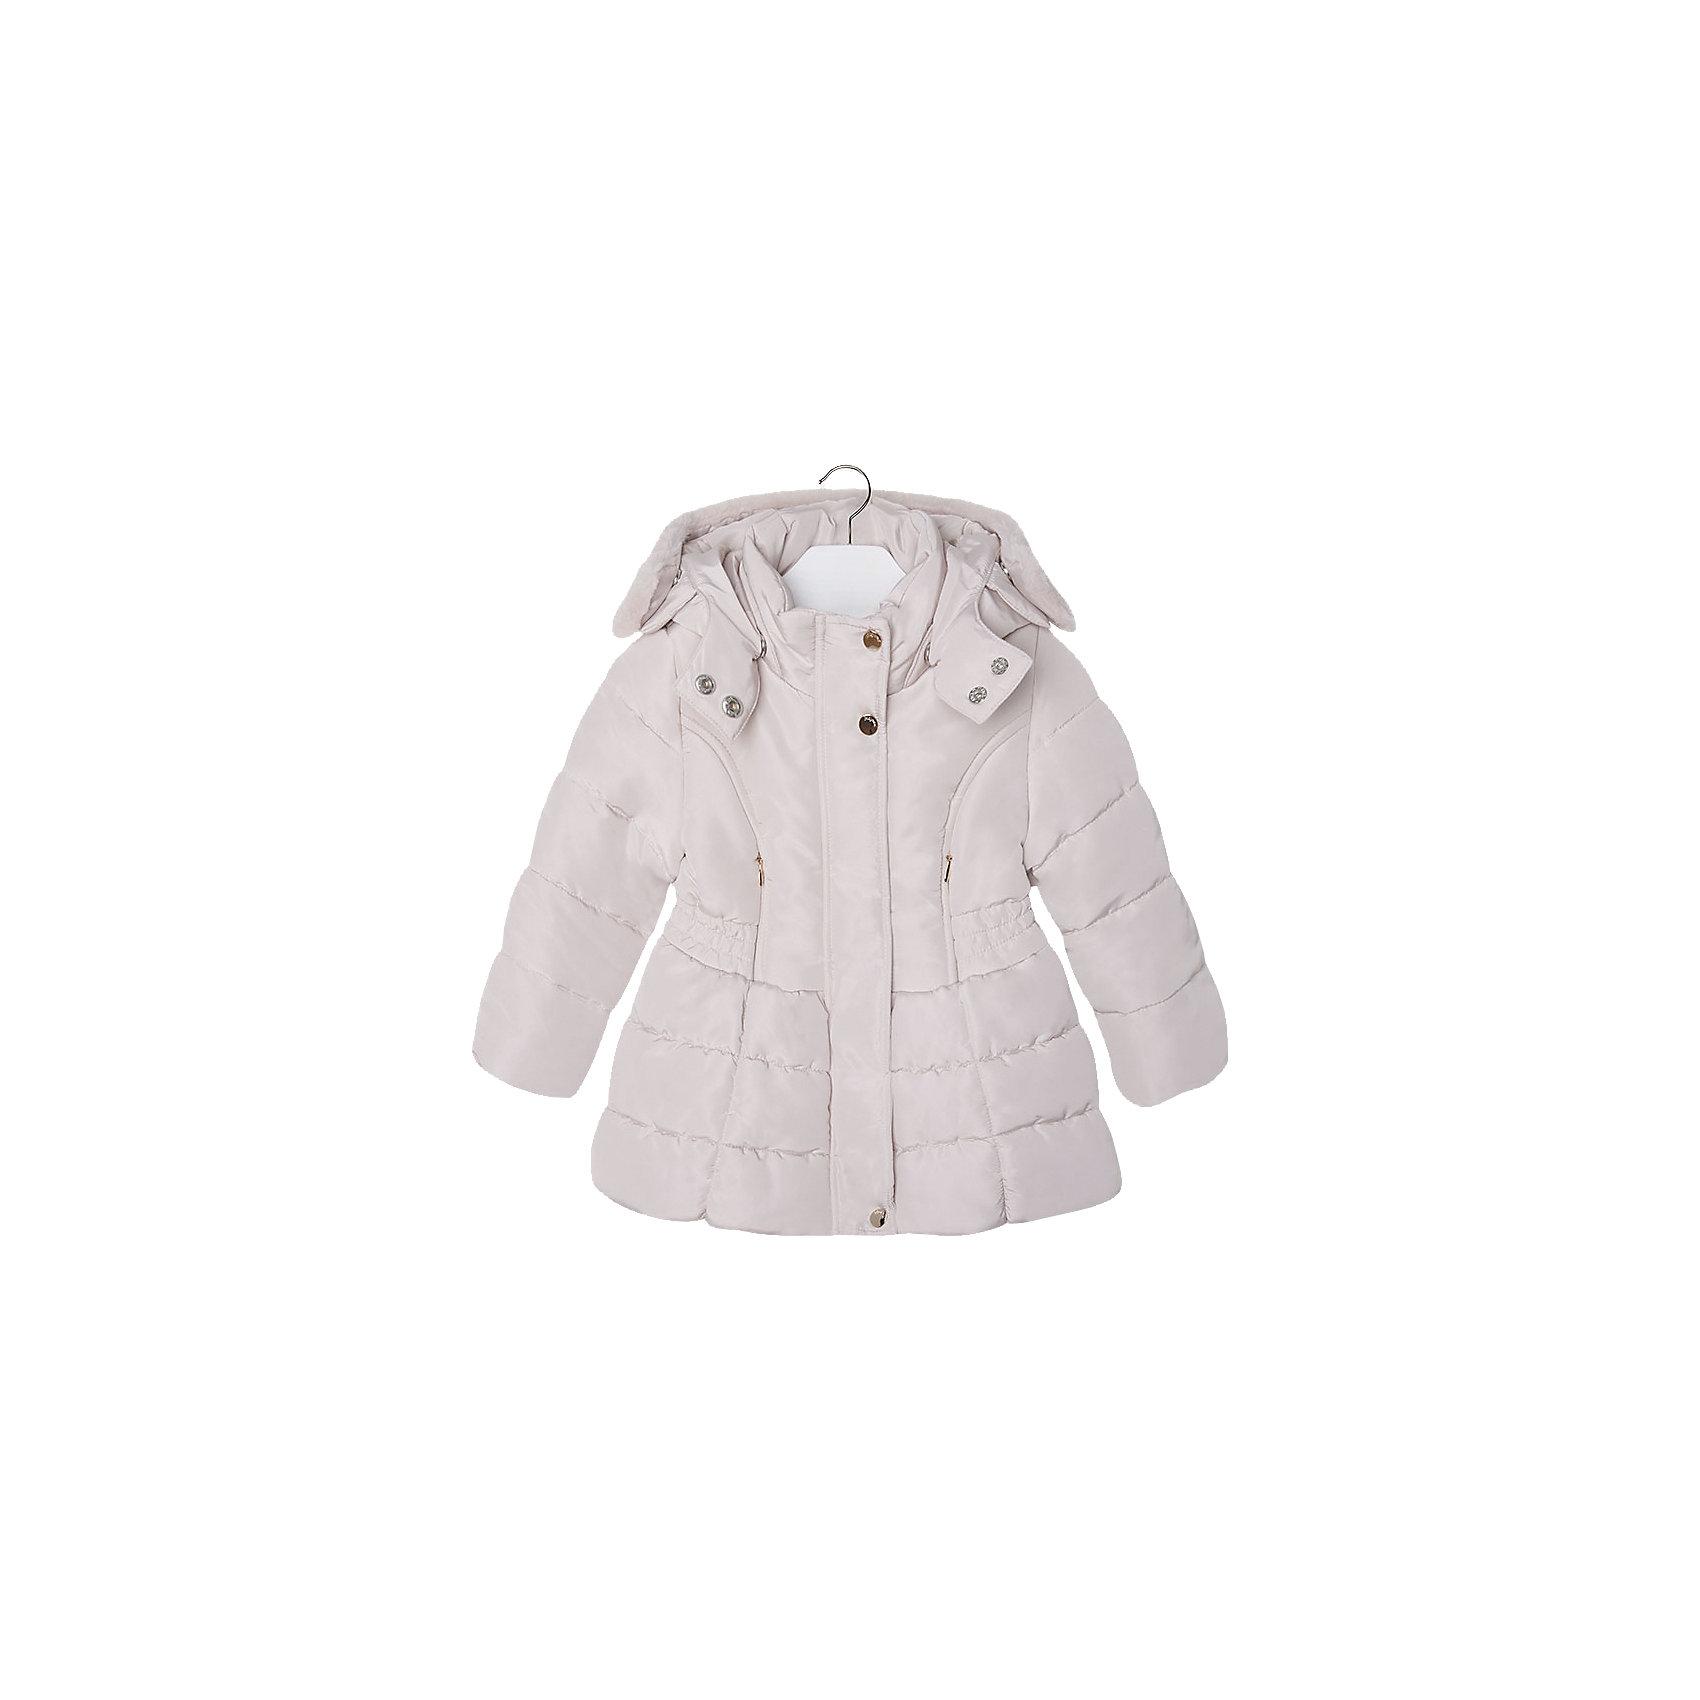 Куртка для девочки MayoralВерхняя одежда<br>Куртка для девочки от известной испанской марки Mayoral(майорал). Модель с приталенным и расширенным к низу силуэтом. Есть большой удобный капюшон с искусственным мехом, застегивается на кнопки. Стильная теплая курточка - то, что нужно для комфортных прогулок!<br><br>Дополнительная информация:<br>Состав: 100% полиэстер<br>Цвет: золотой<br>Куртку Mayoral(Майорал) вы можете приобрести в нашем интернет-магазине.<br><br>Ширина мм: 356<br>Глубина мм: 10<br>Высота мм: 245<br>Вес г: 519<br>Цвет: желтый<br>Возраст от месяцев: 48<br>Возраст до месяцев: 60<br>Пол: Женский<br>Возраст: Детский<br>Размер: 110,128,98,104,134,122,116<br>SKU: 4843882